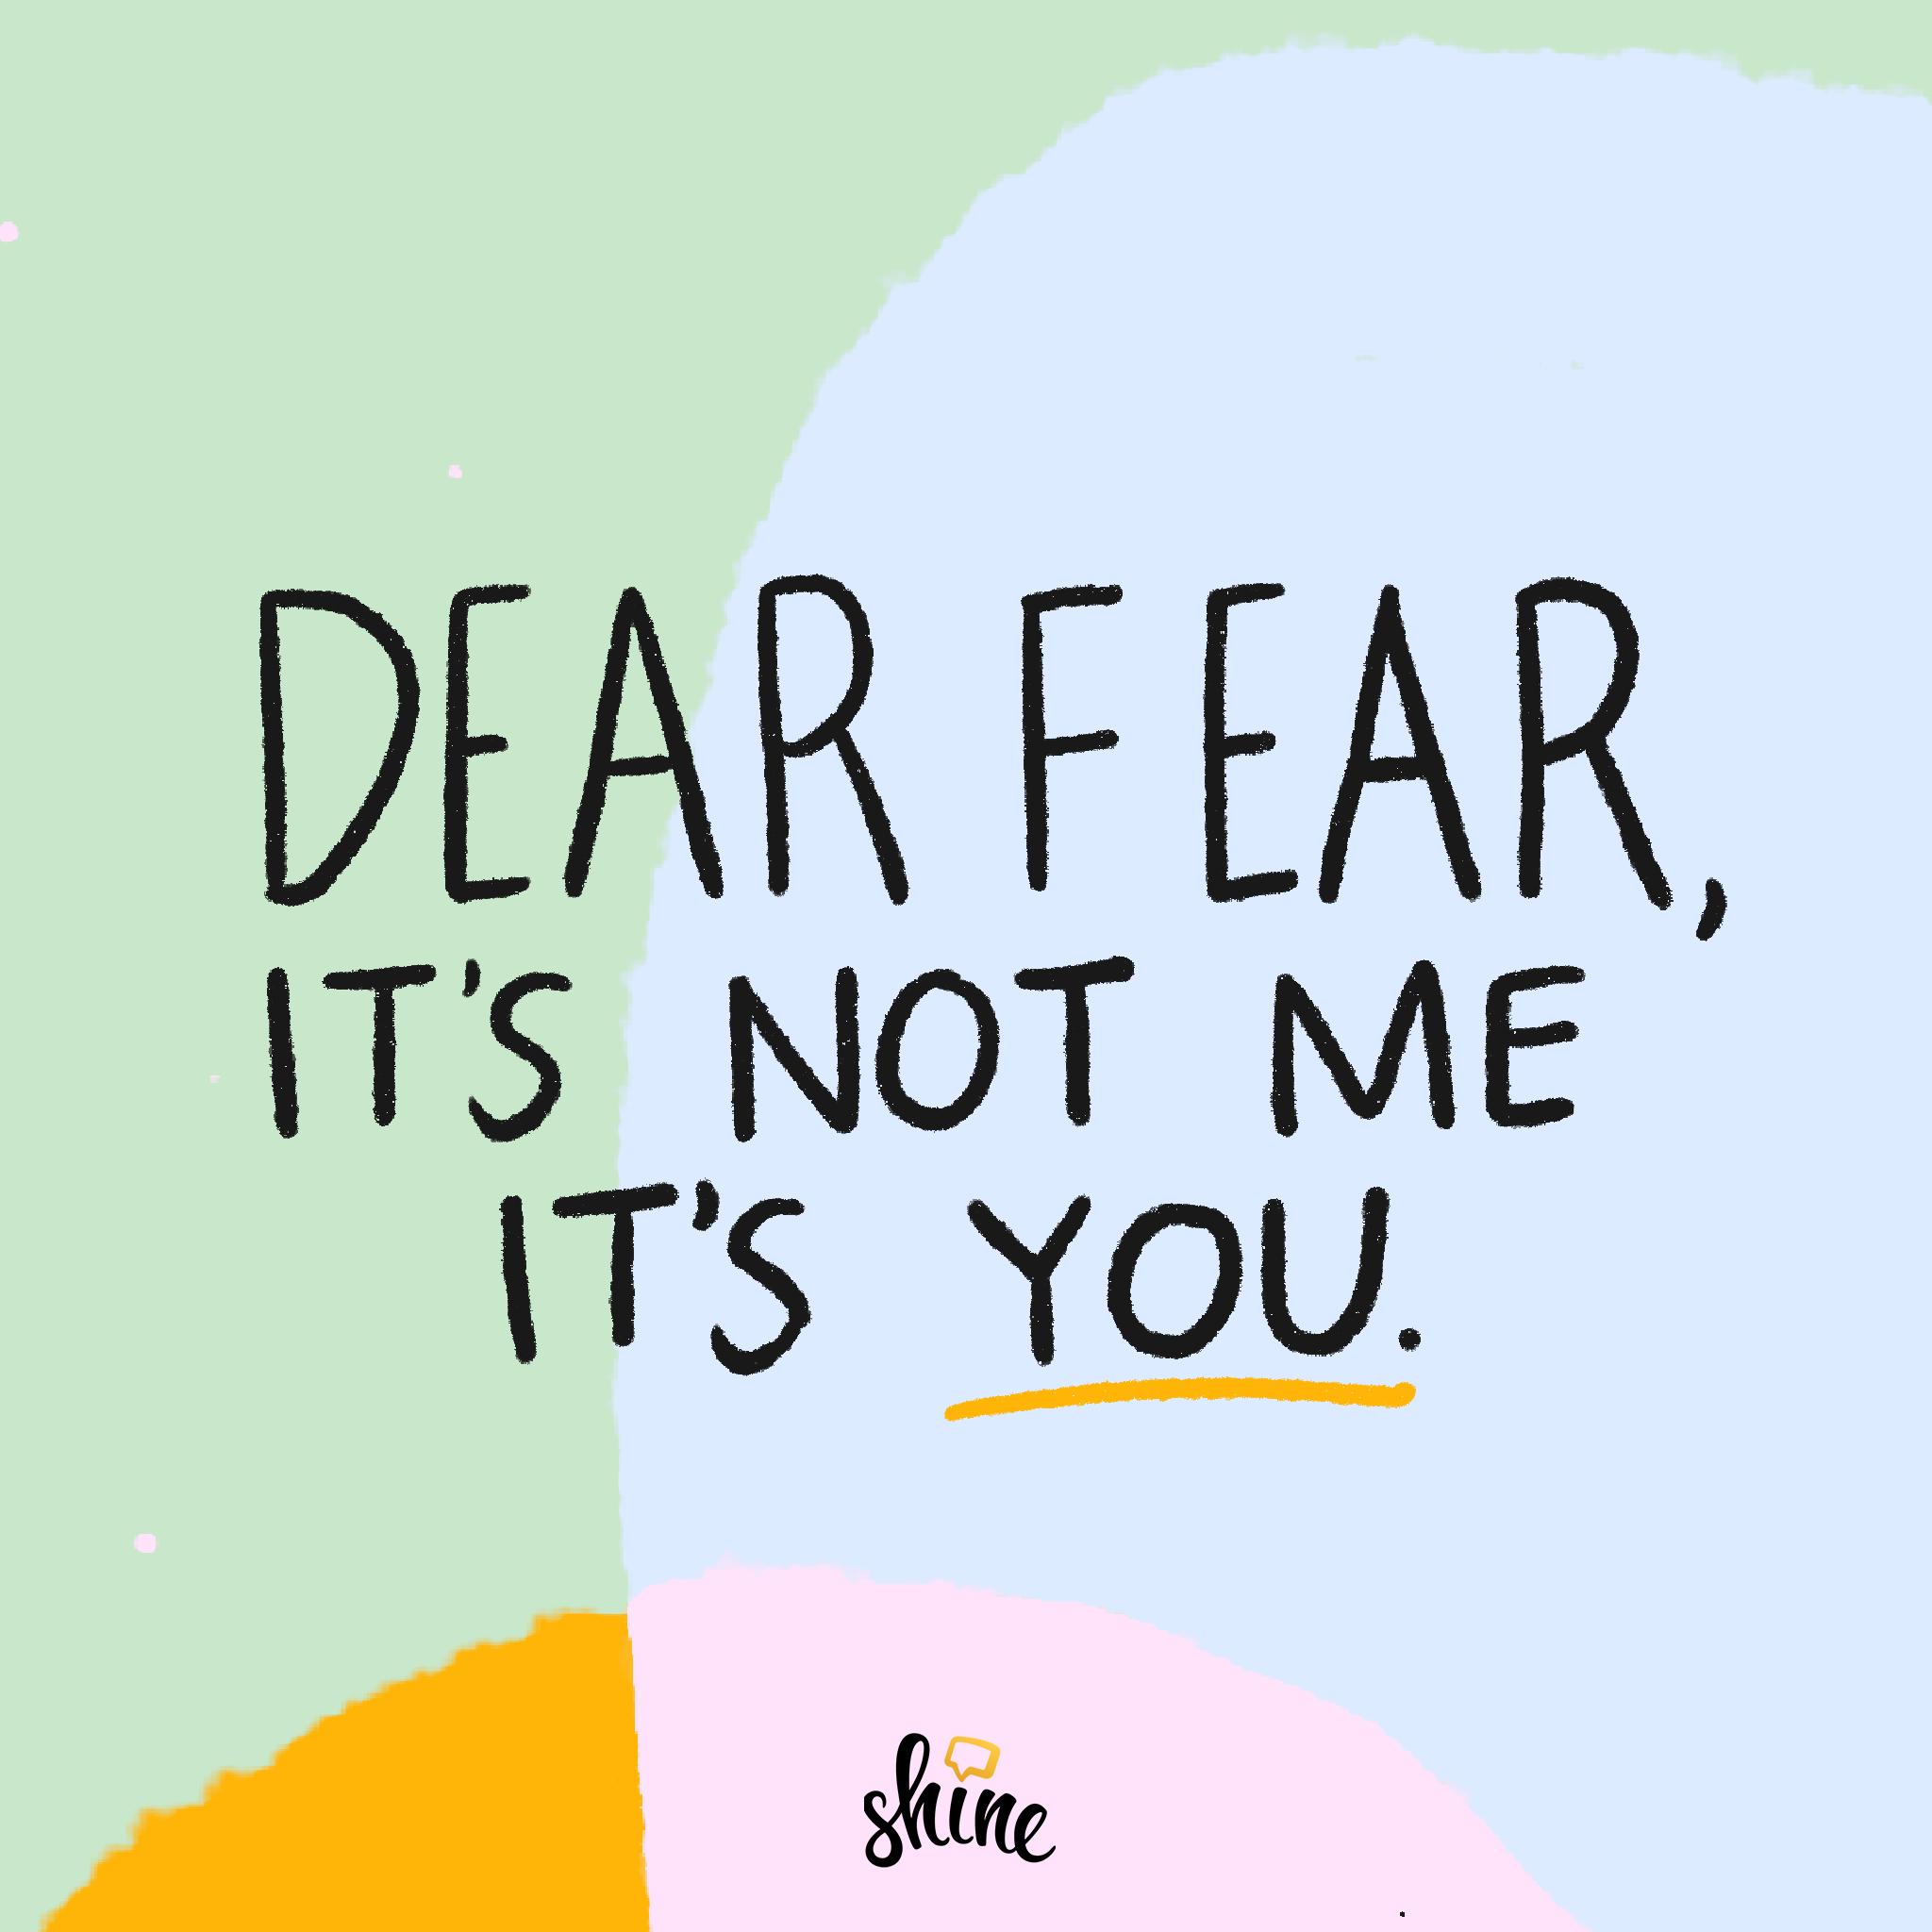 Dear Fear, it's not me, it's you